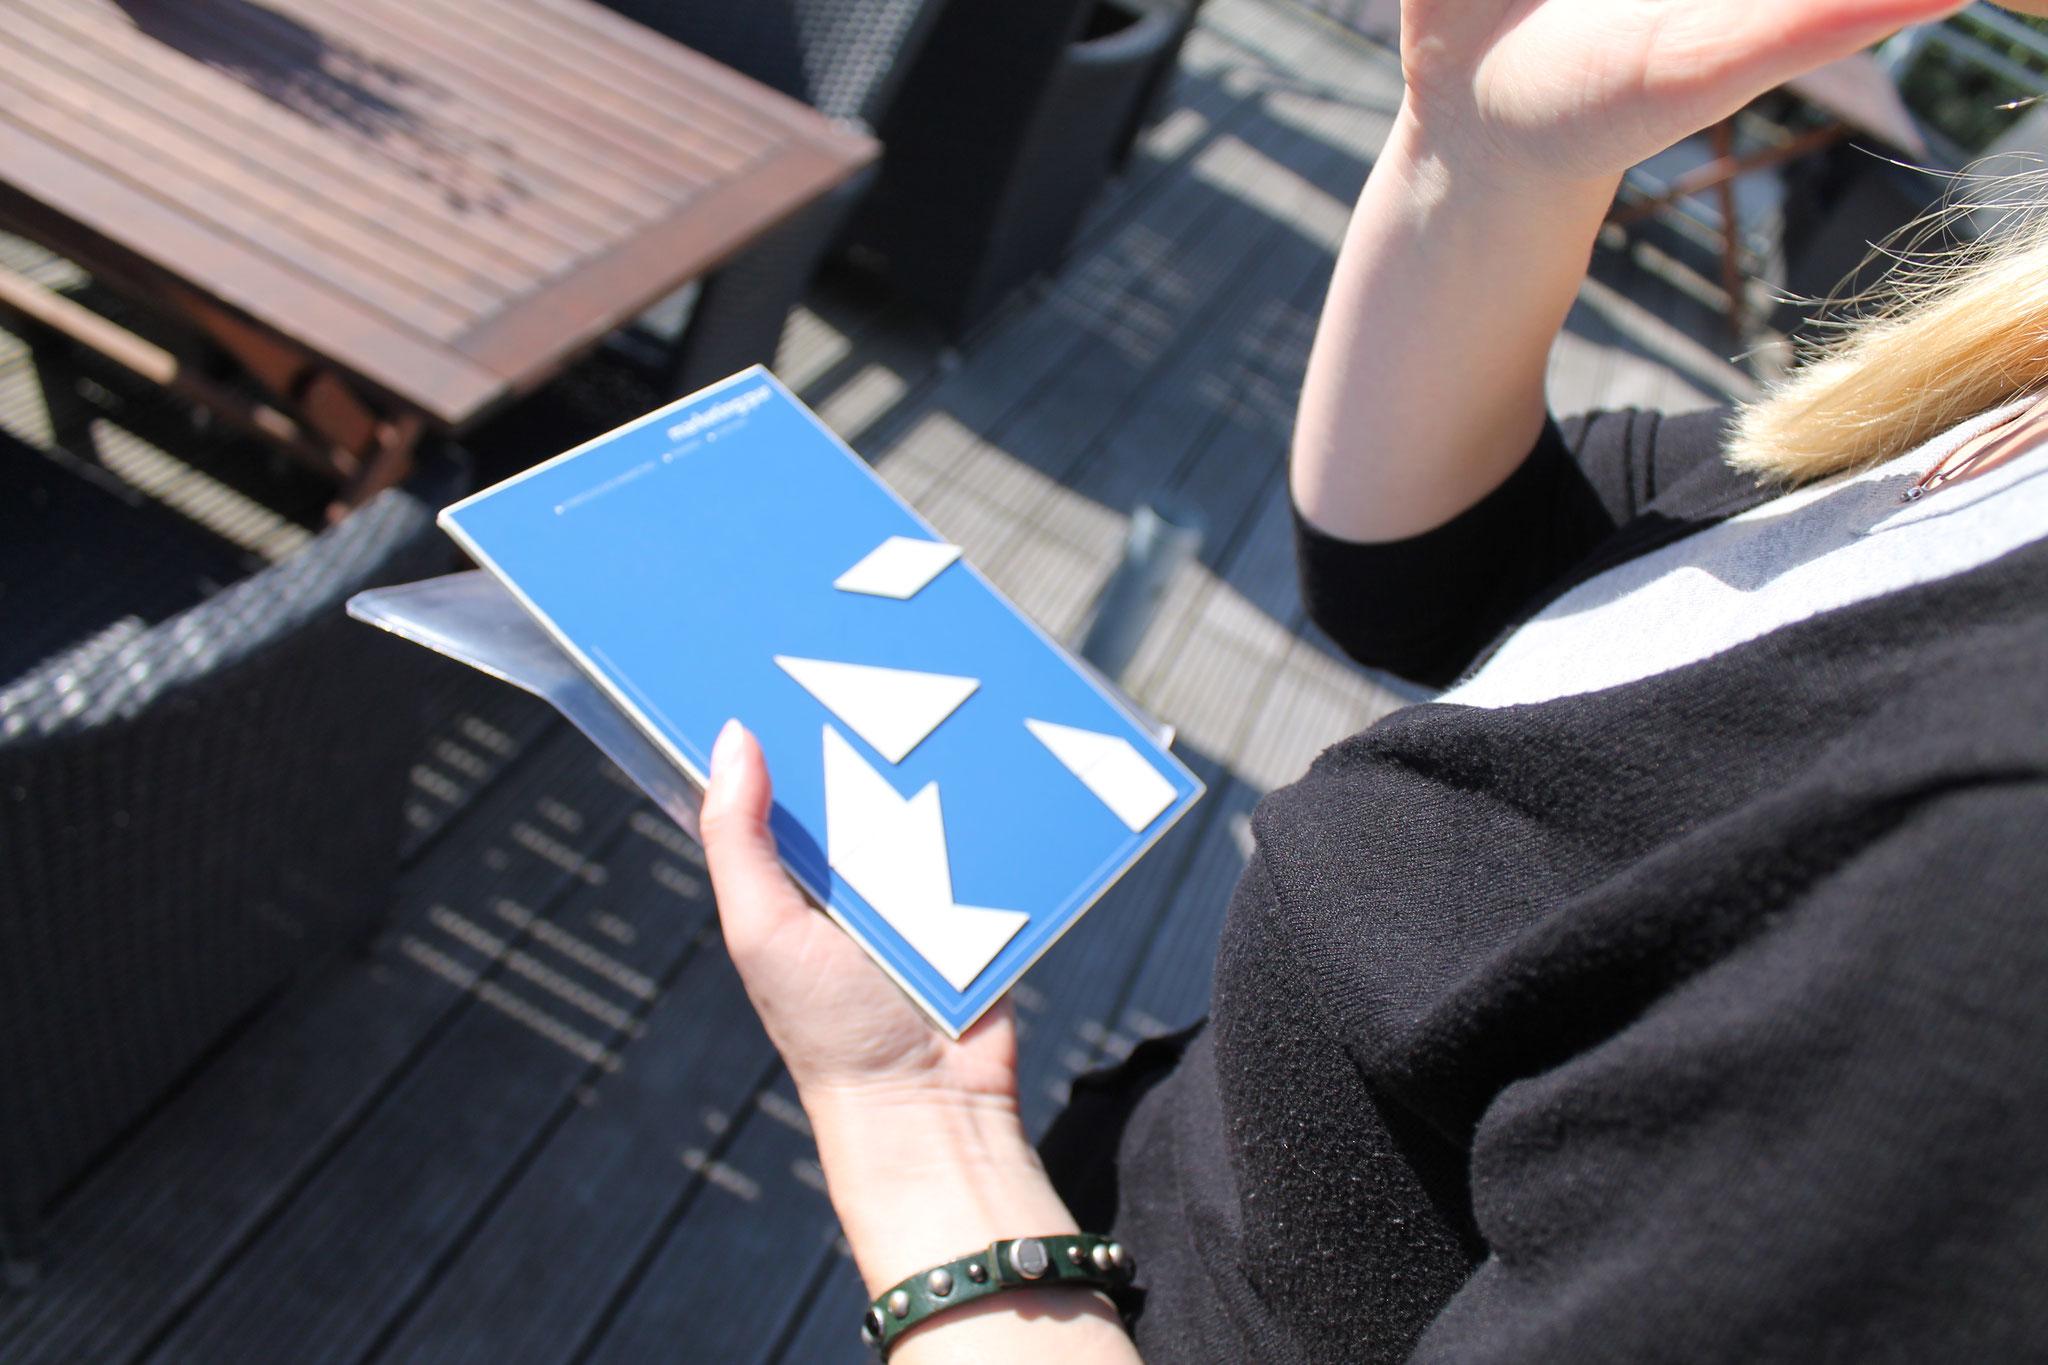 Tangram-Kommunikation: Das Bild wird serviert. Kommunikation nach Vier Seiten Modeel bringt weitere Erkenntnisse als einfache Zweierübung - ICEBREAKER oder SartUp